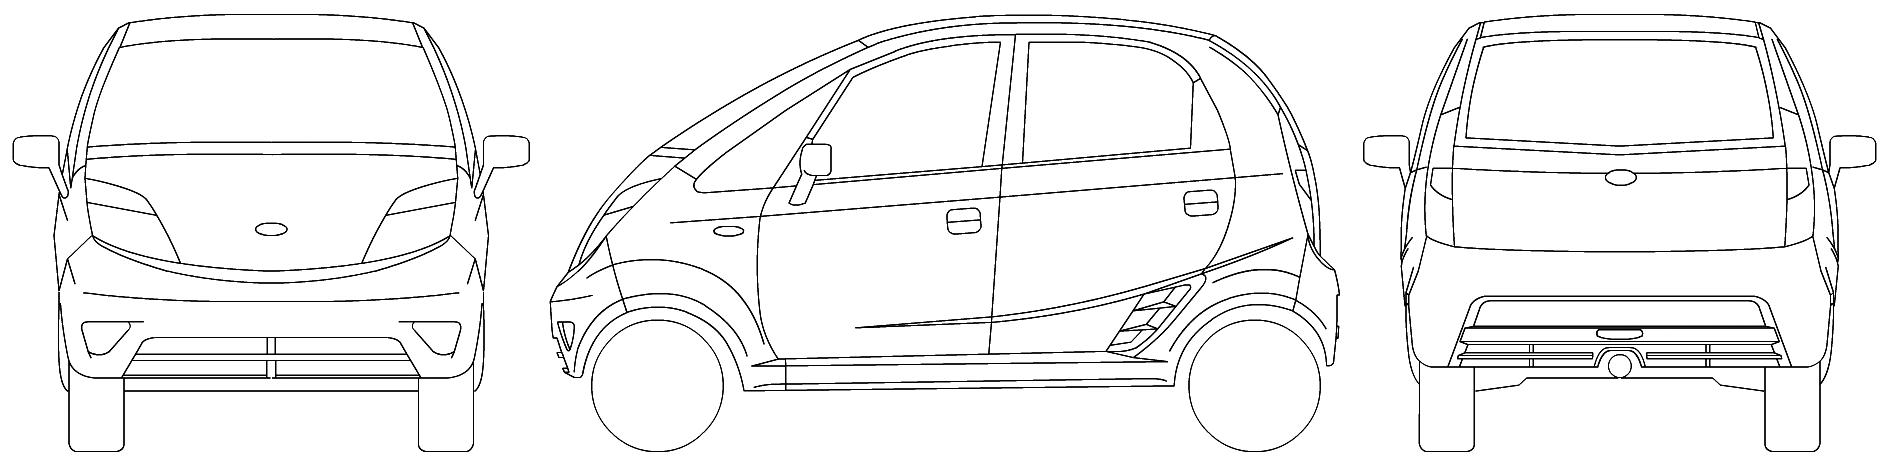 Tata Nano blueprints